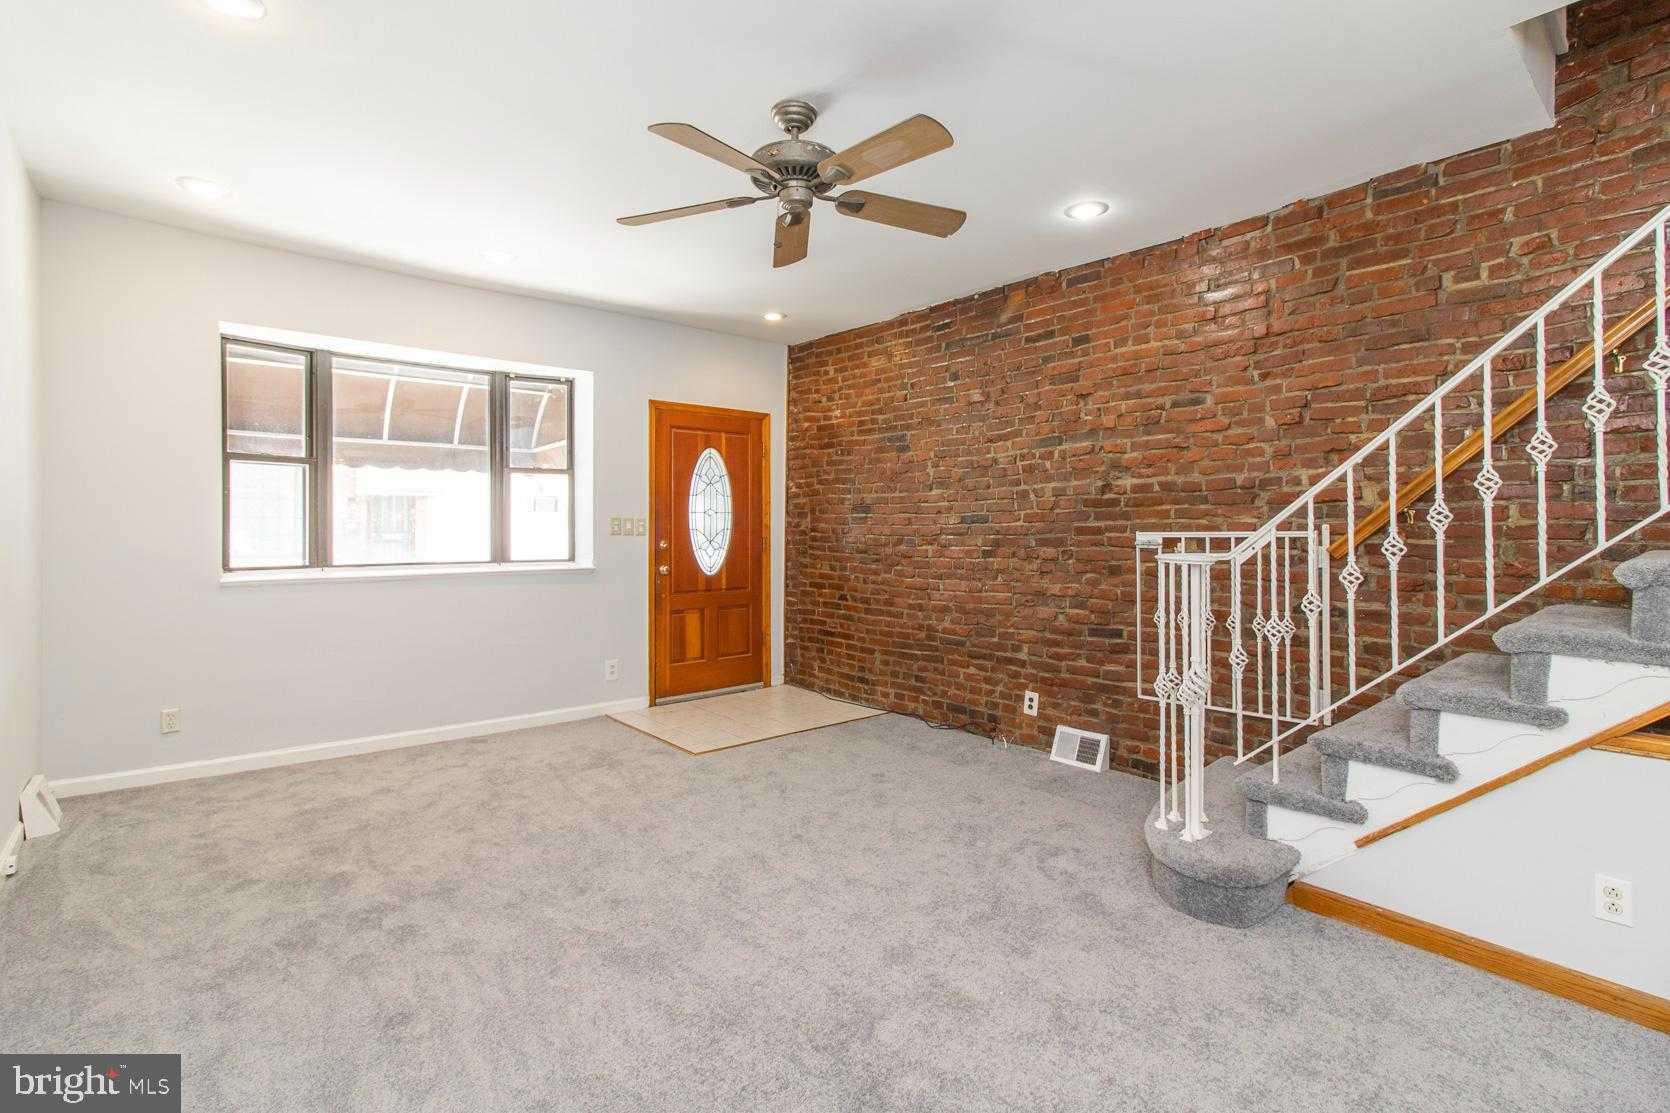 $260,000 - 3Br/2Ba -  for Sale in Phila (south), Philadelphia